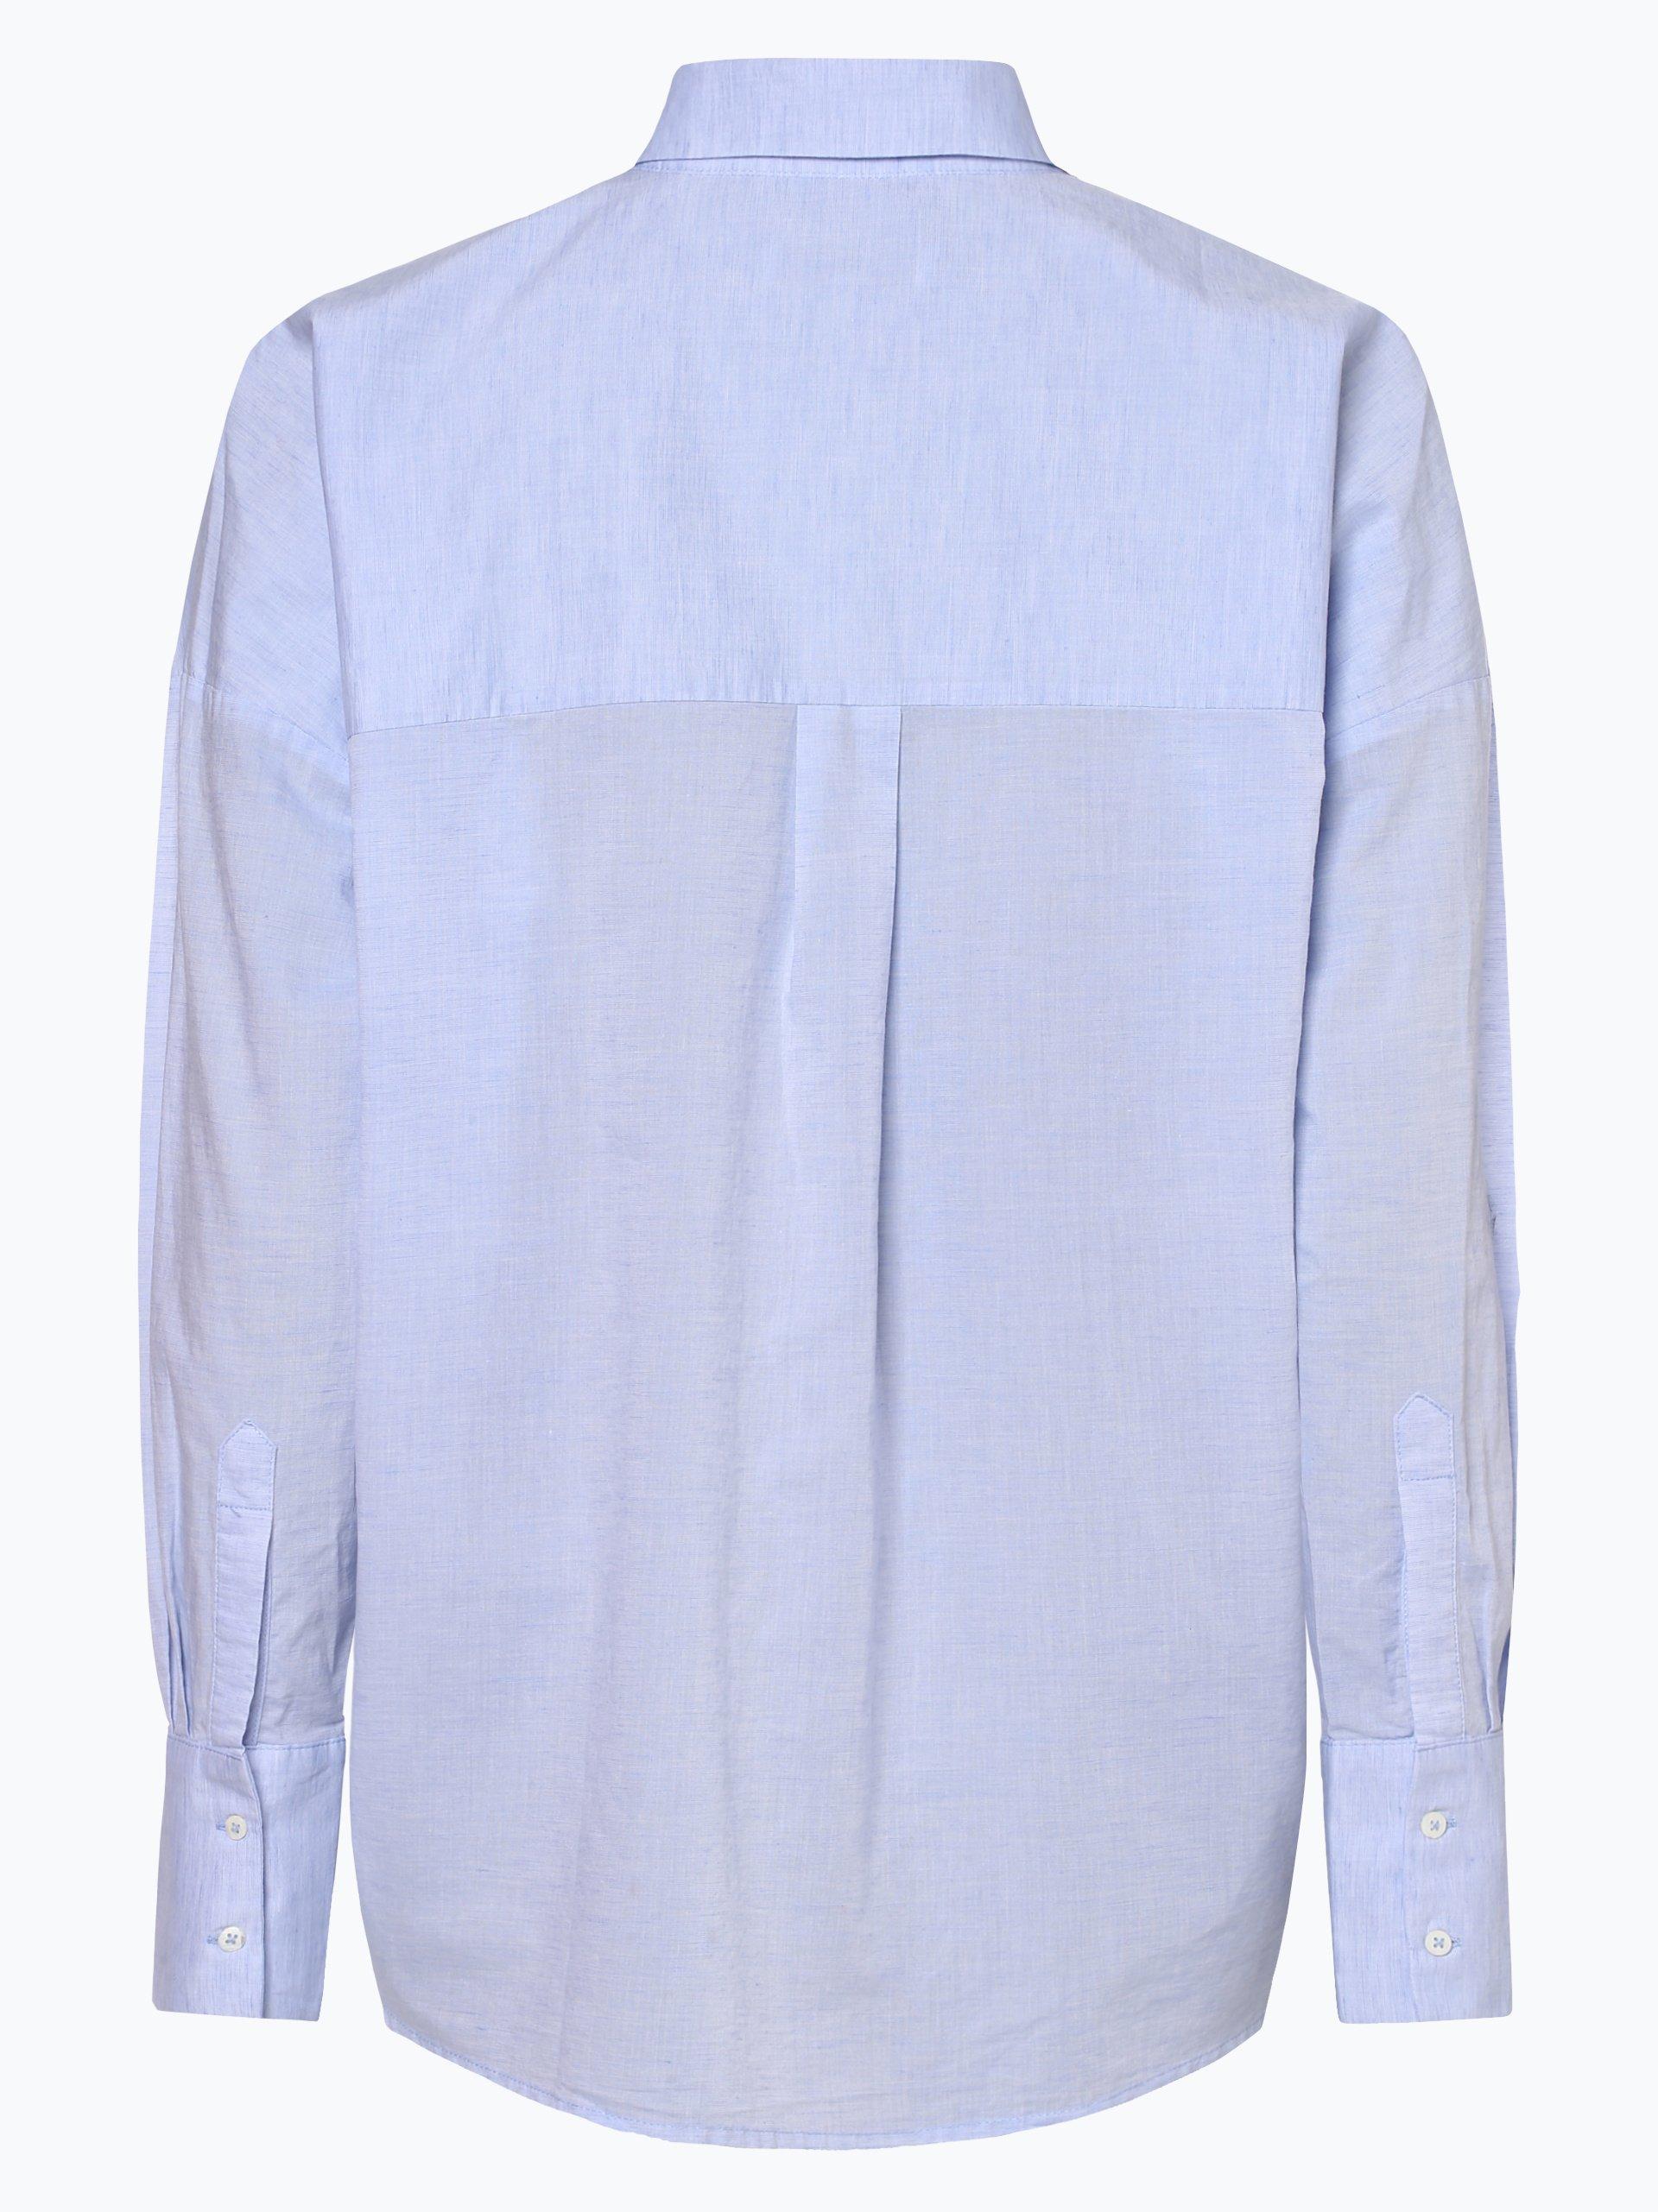 Tonno & Panna Damen Bluse mit Leinen-Anteil